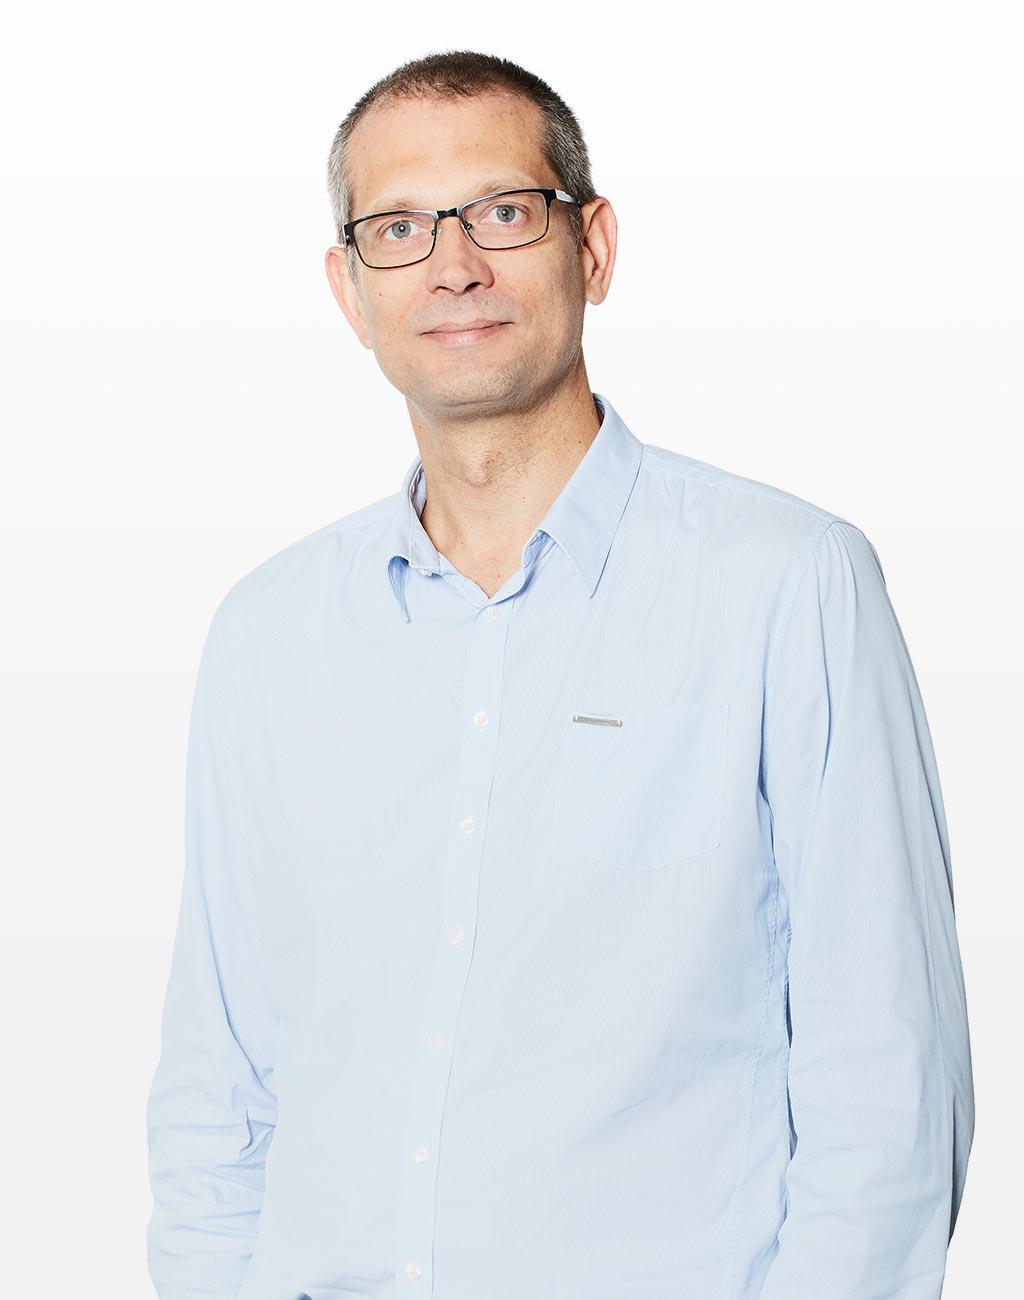 Simon Crone